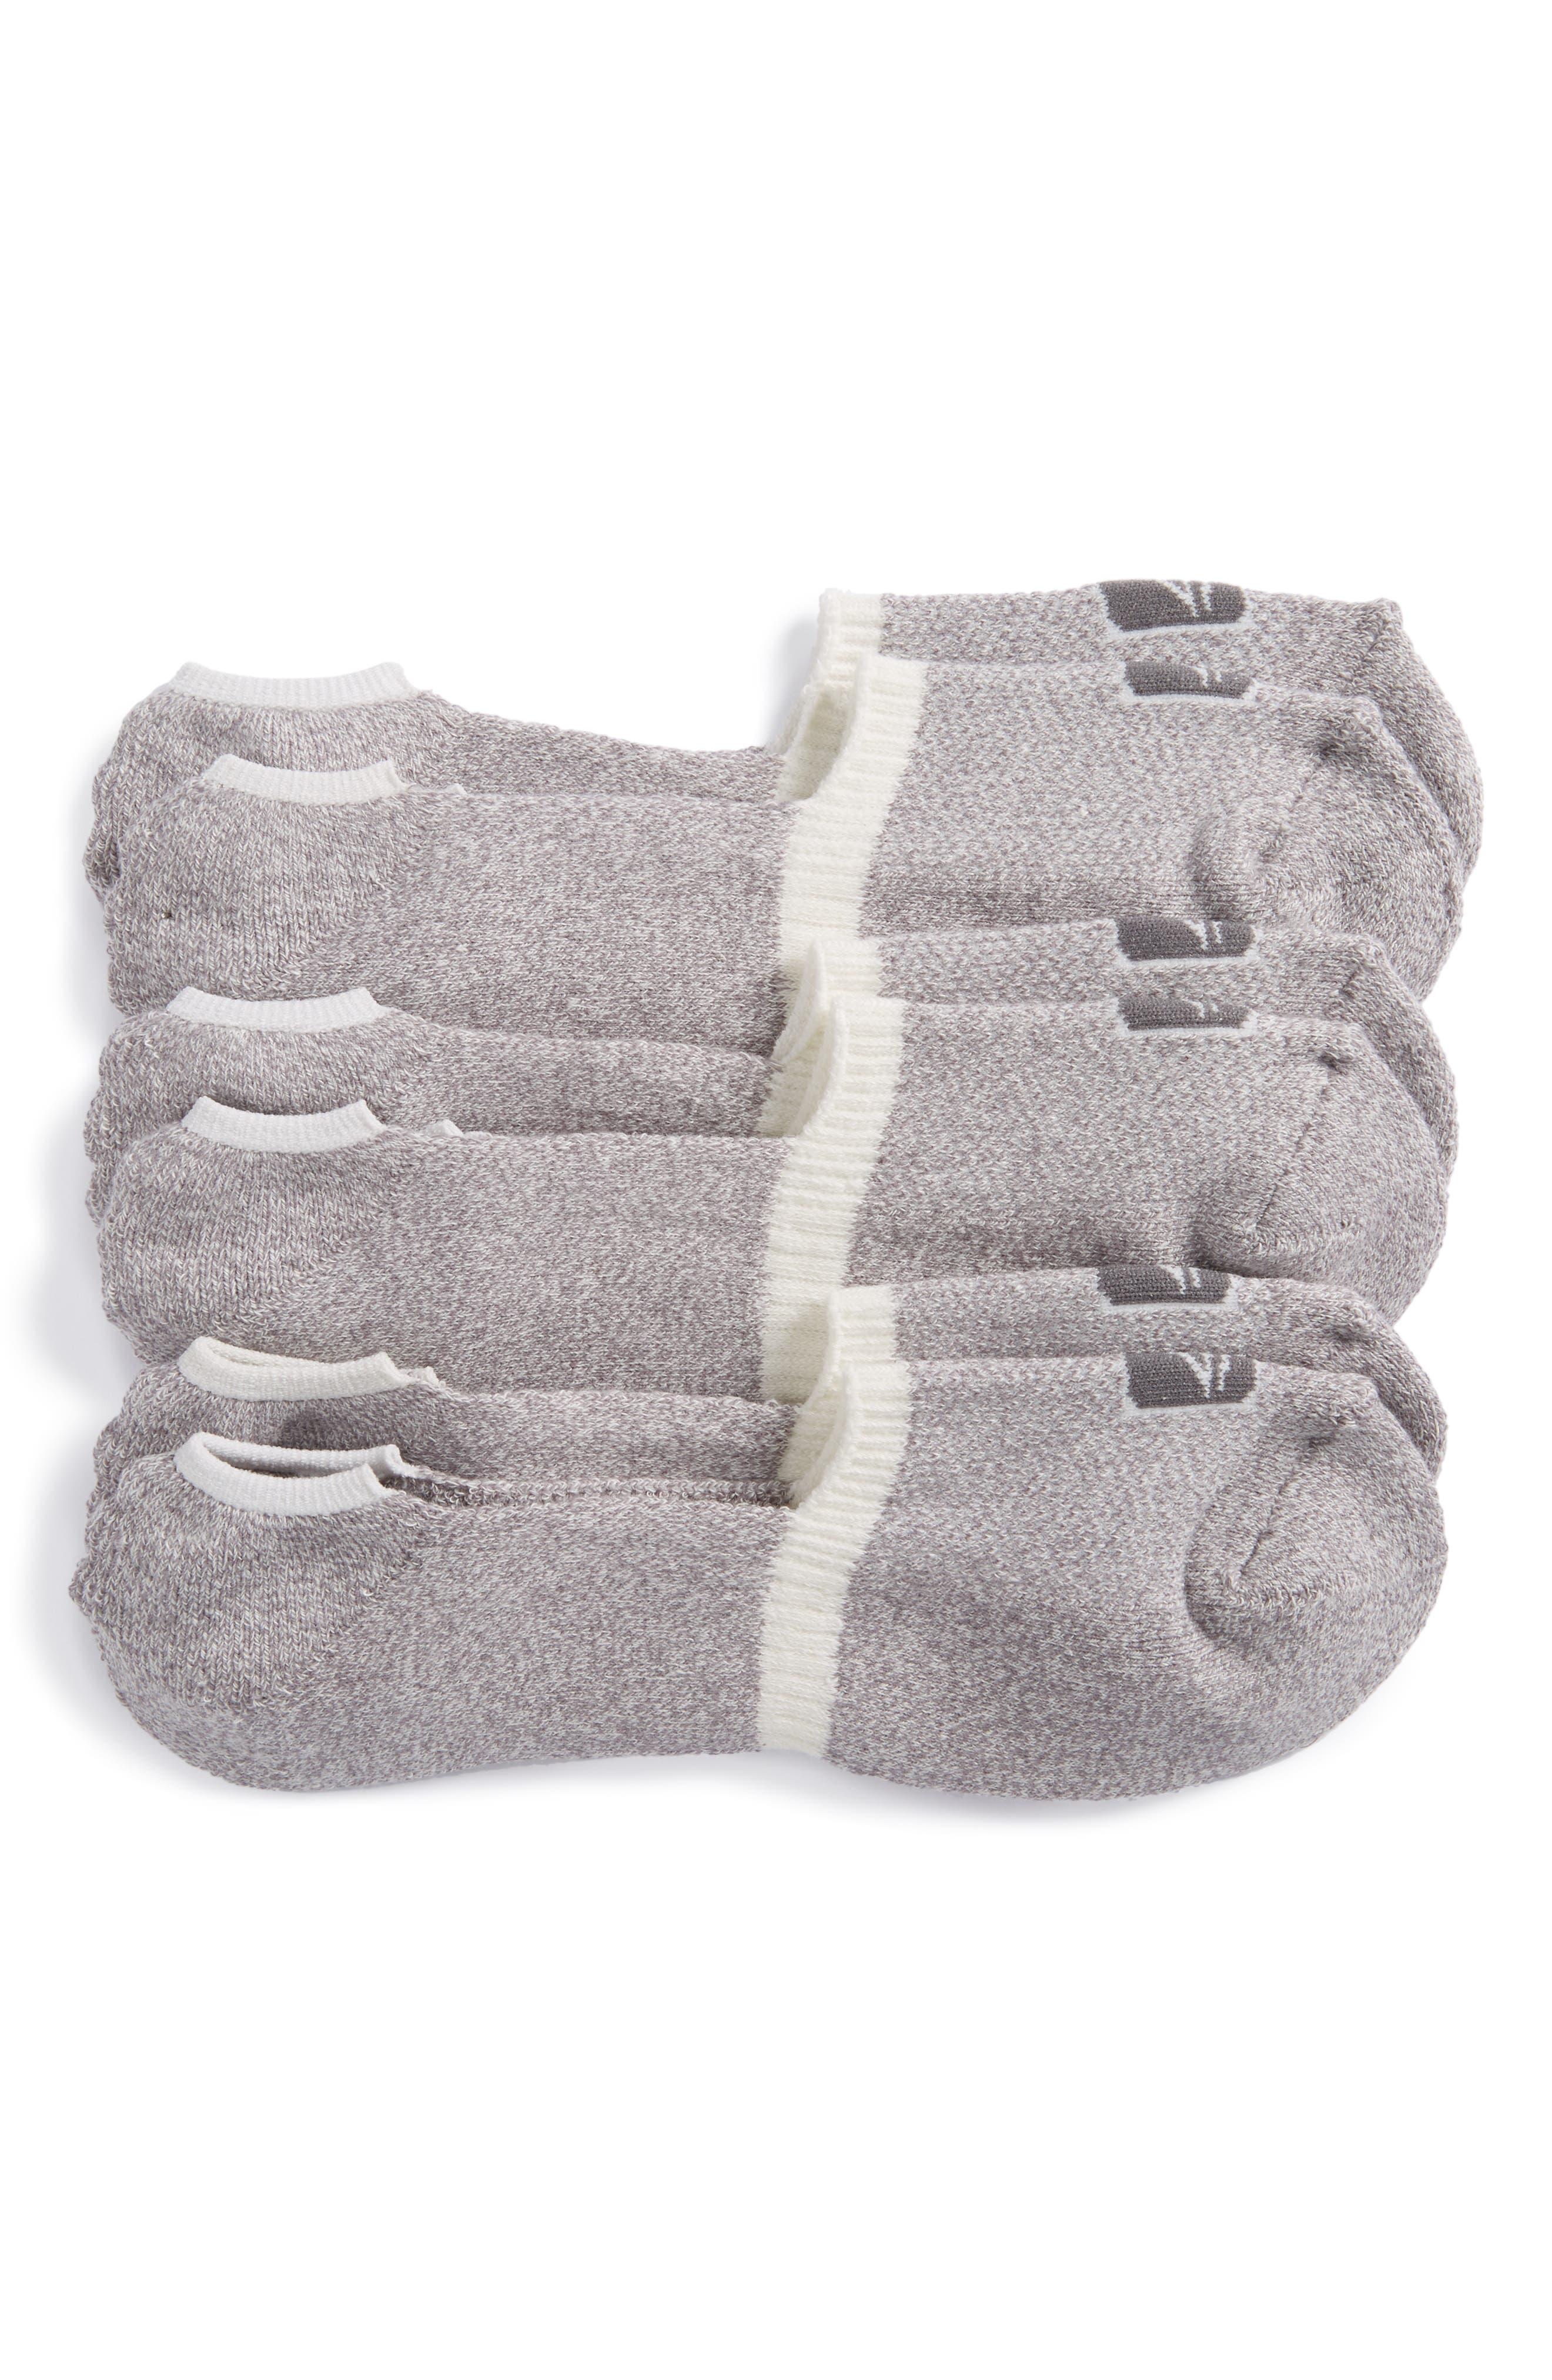 3-Pack No-Show Liner Socks,                         Main,                         color, 100